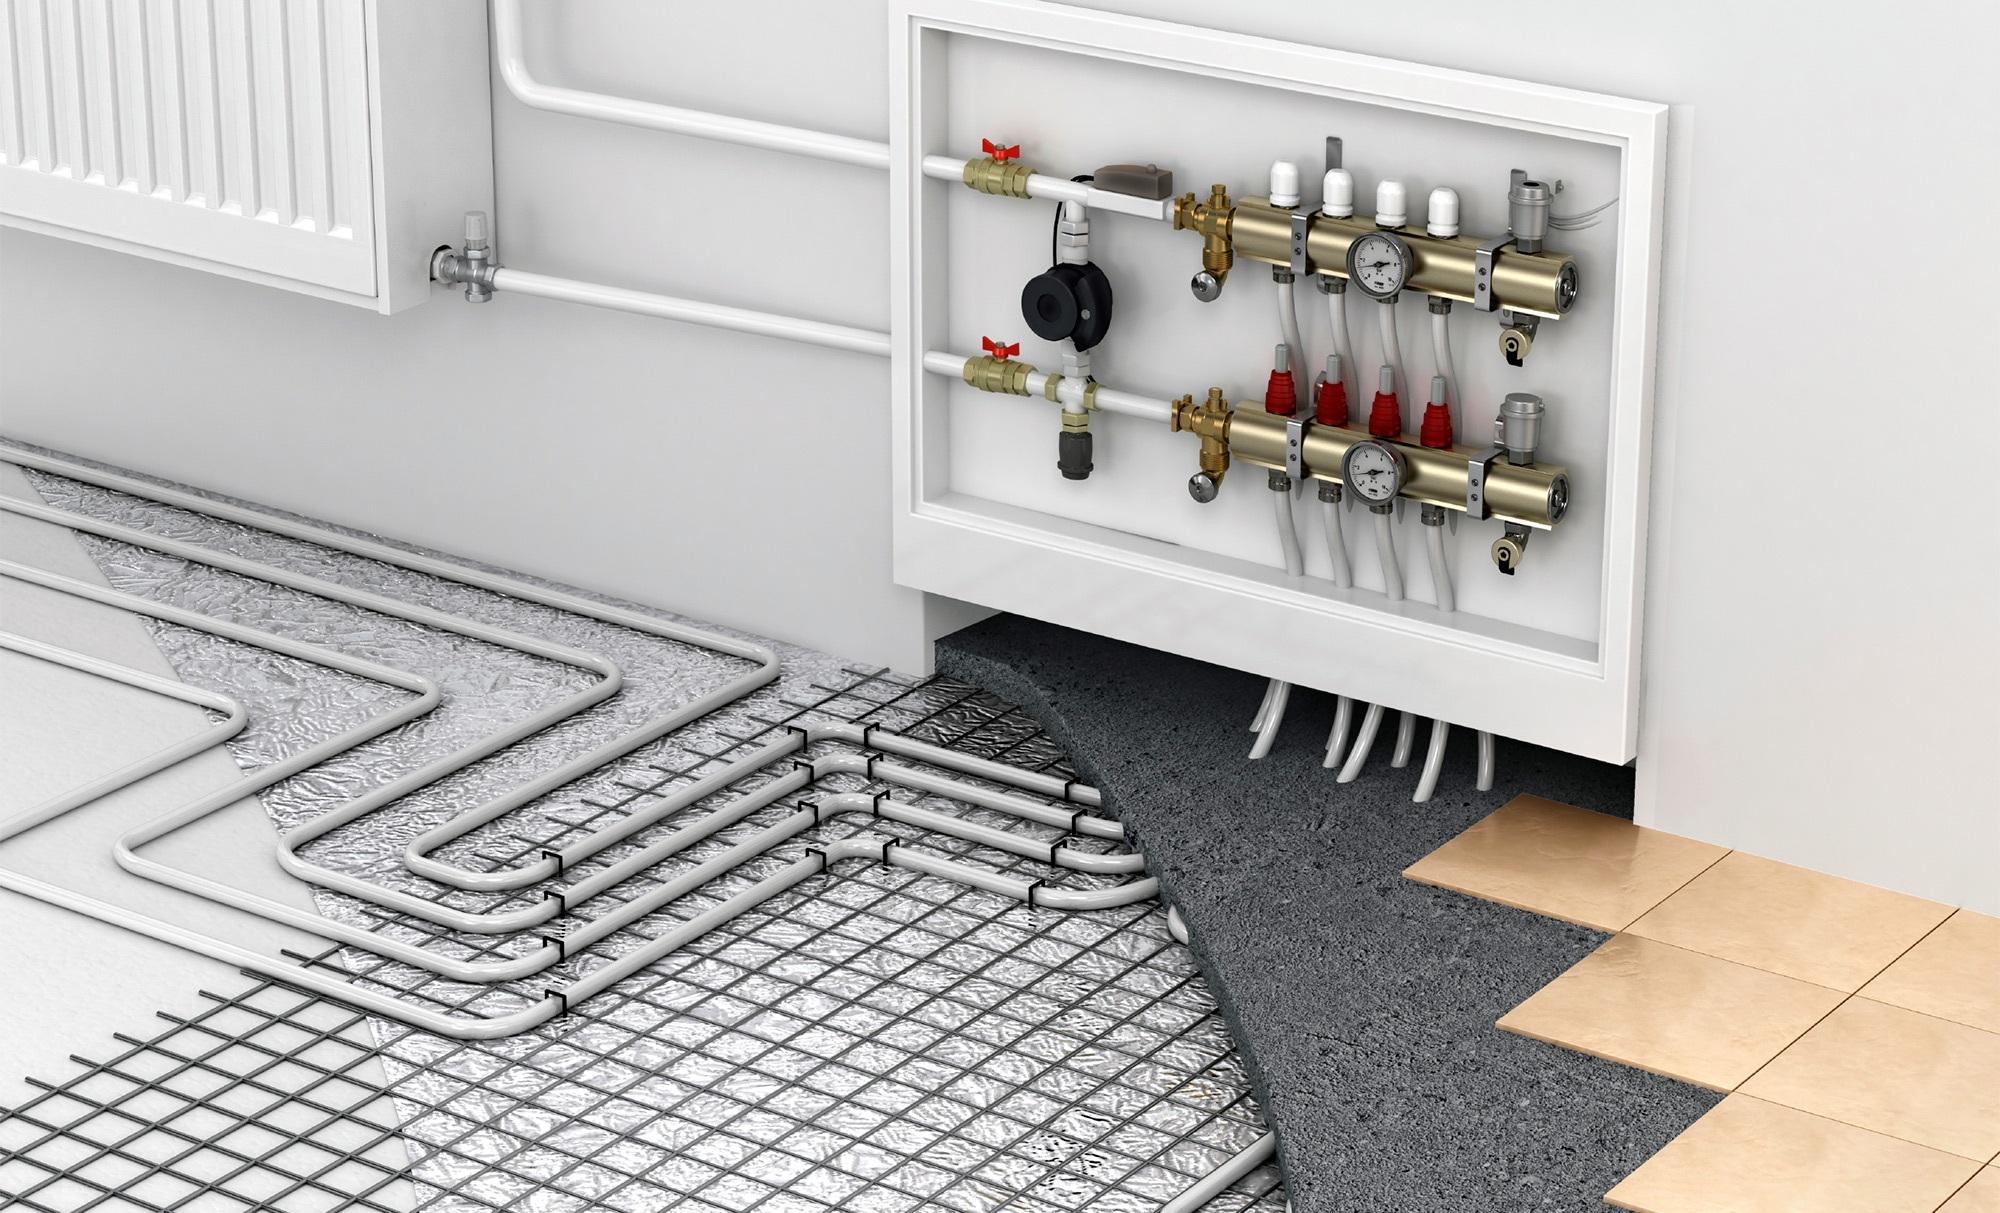 Riscaldamento A Pavimento E Raffreddamento collettore per riscaldamento a pavimento (64 foto): gruppo